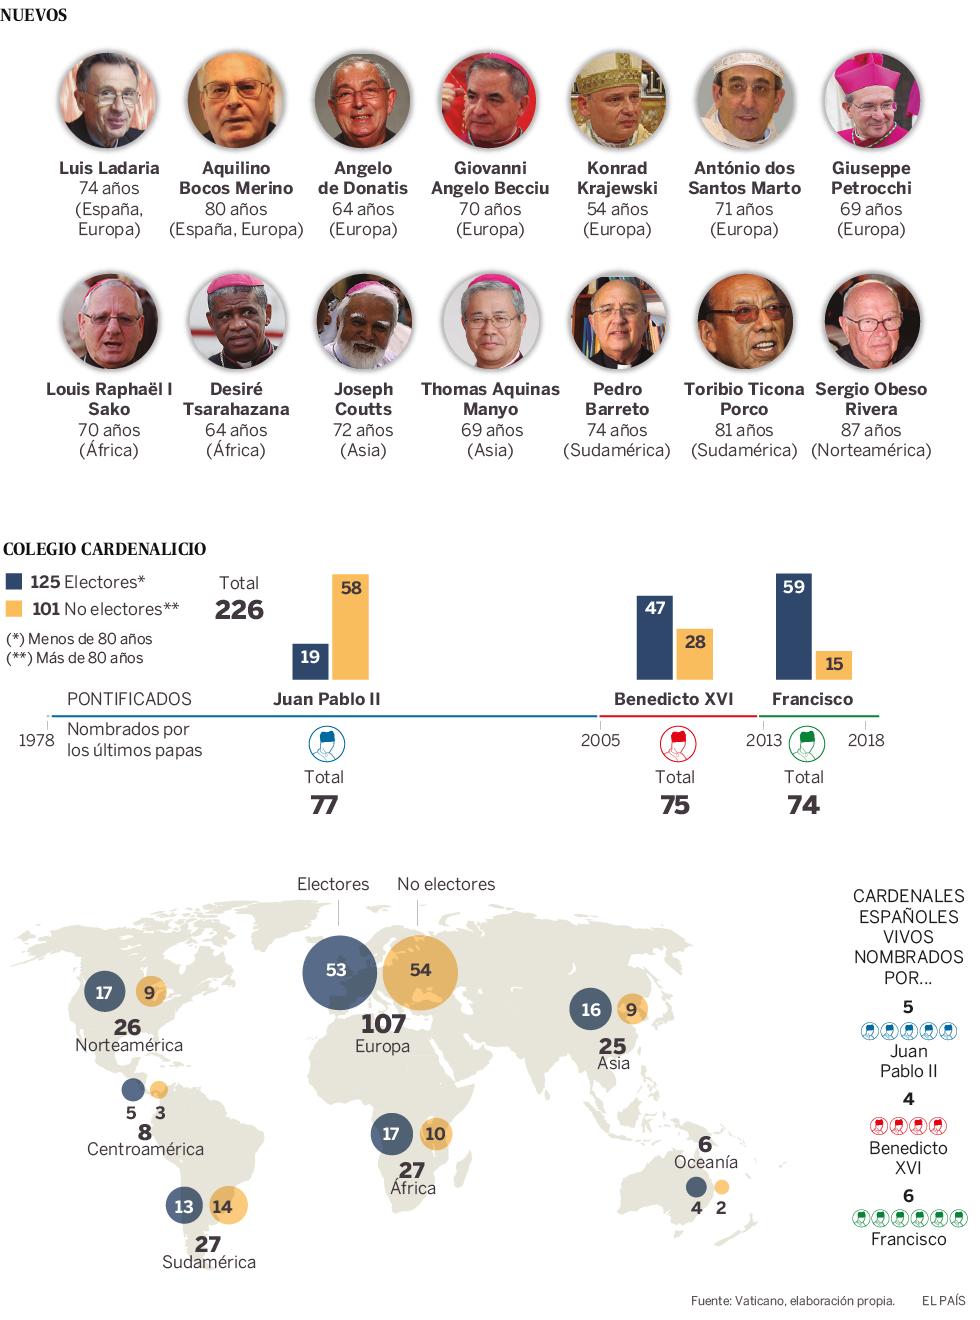 Católico materialismo. Religión e intereses económicos  y  capitalistas - Página 10 1530178753_043596_1530189570_noticia_normal